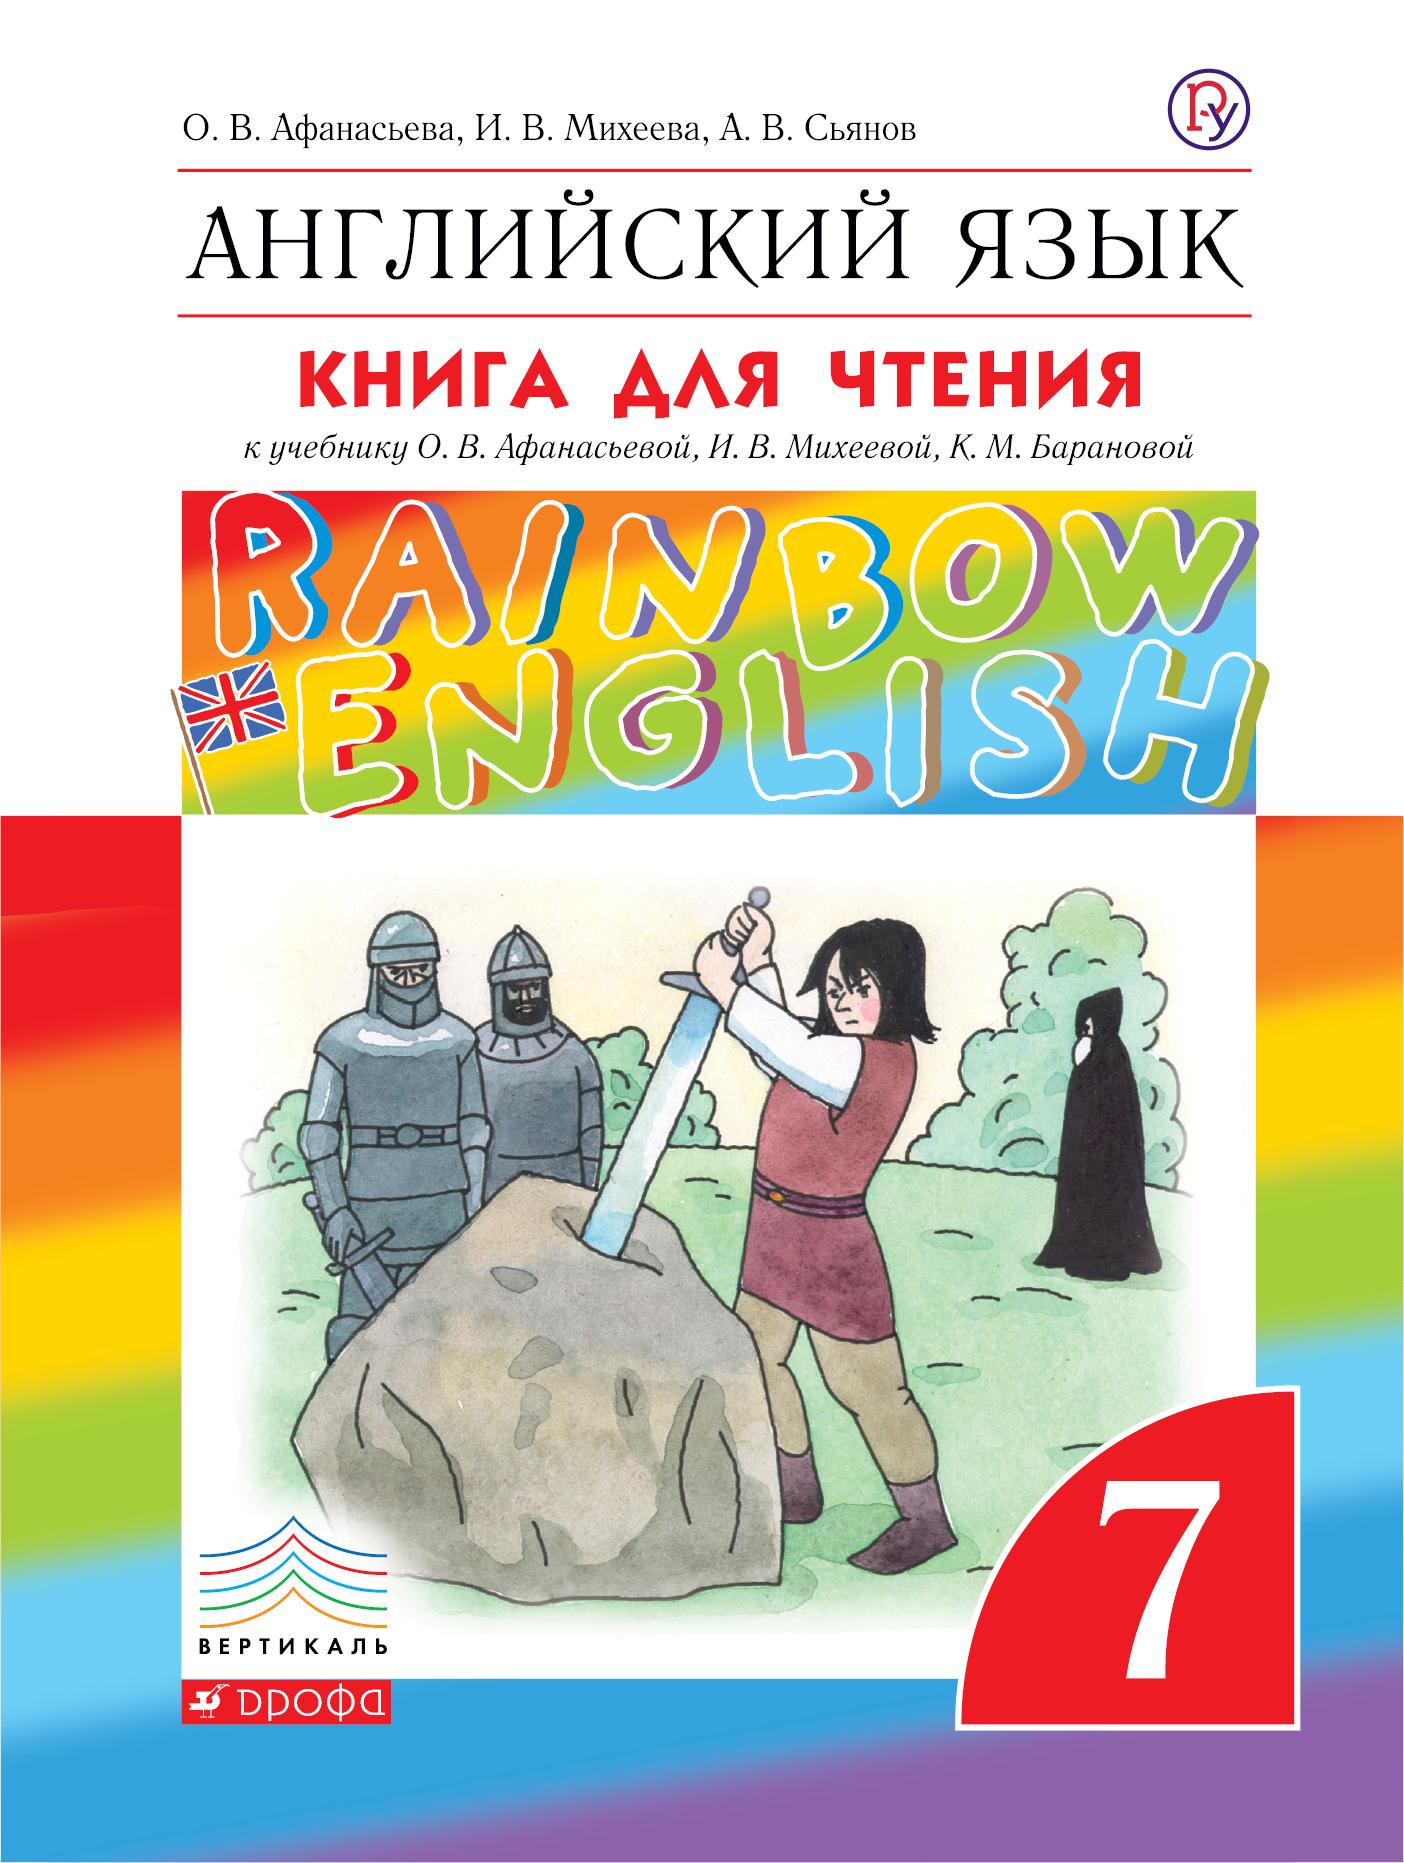 Английский язык. 7 класс. Книга для чтения ( Афанасьева О.В.; Михеева И.В.; Сьянов А.В.  )